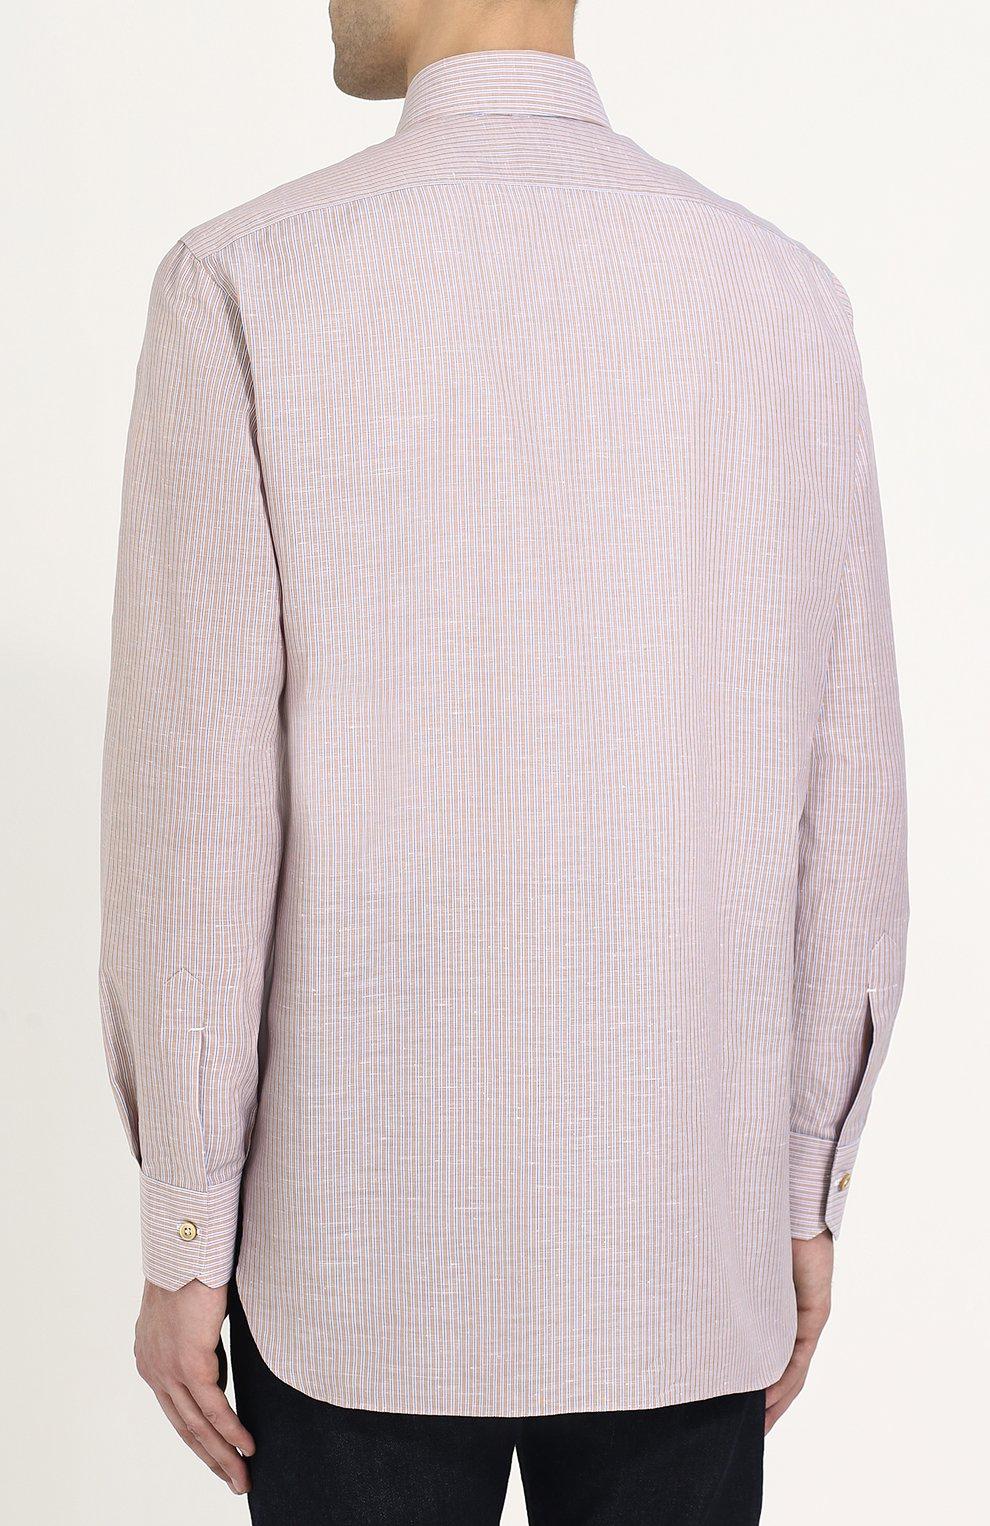 a74168919e7 Мужская бежевая рубашка из смеси хлопка и льна KITON — купить за ...